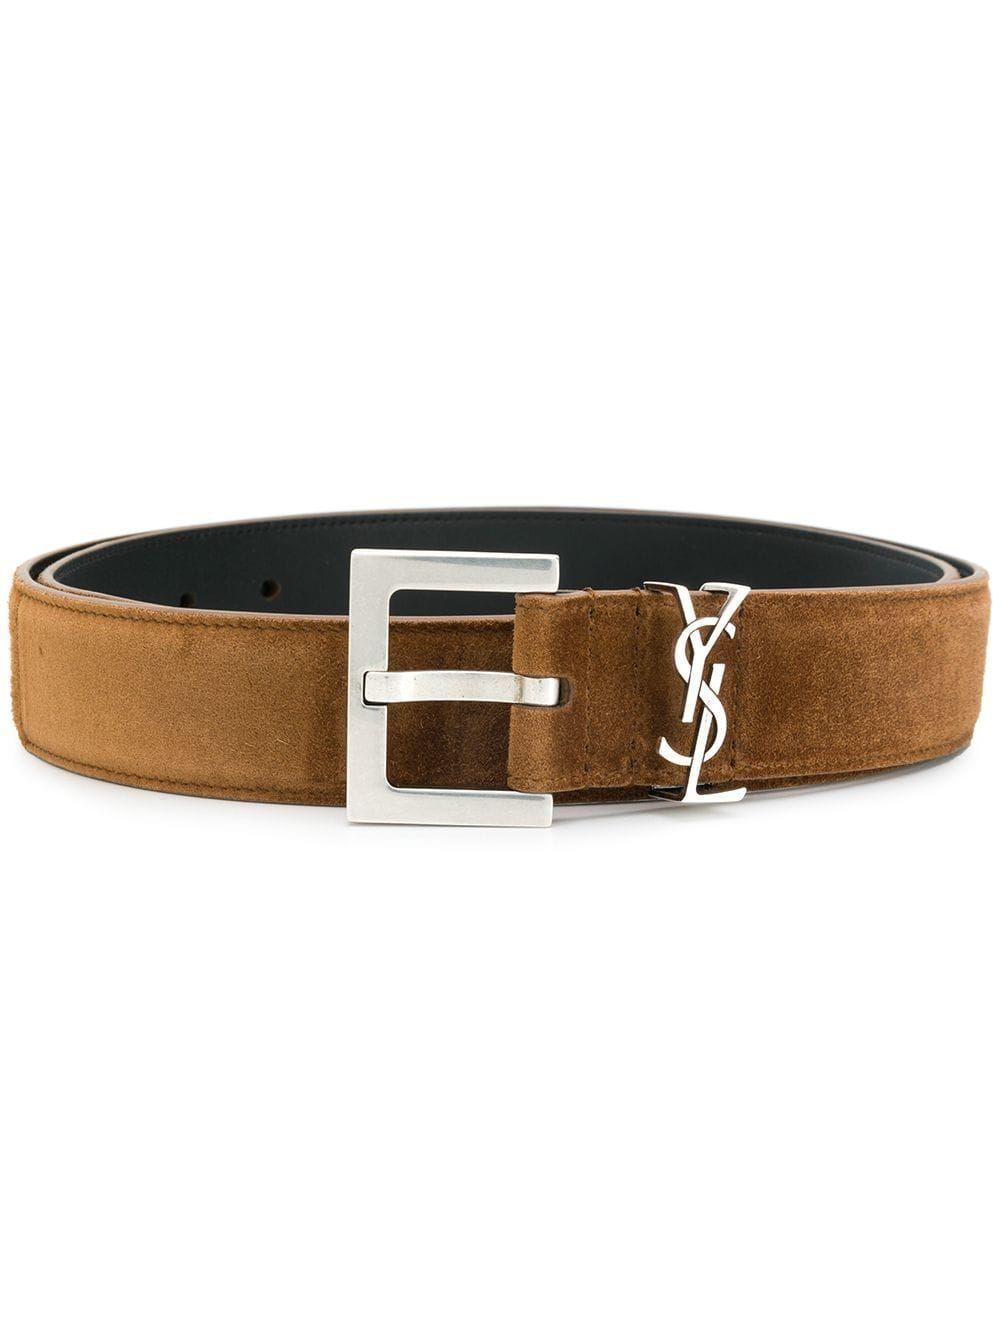 Land Suede Leather Ysl Monogram Belt In Brown Belt Mens